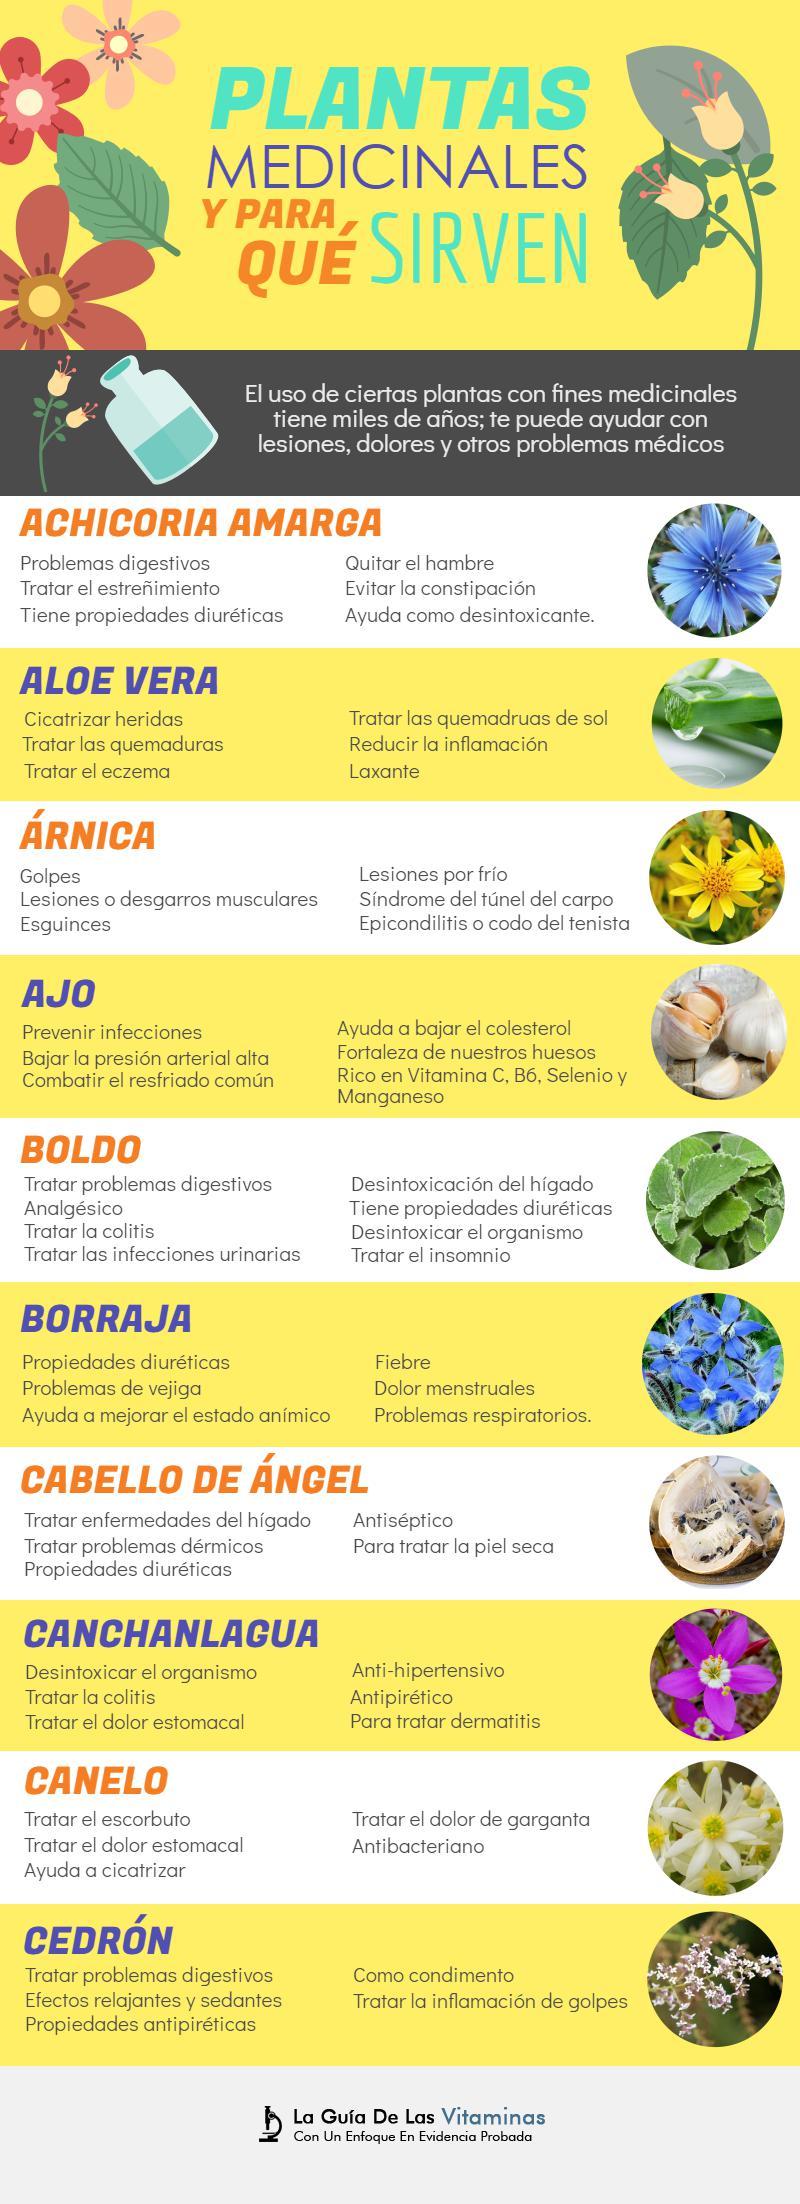 Cabello de angel uso medicinal